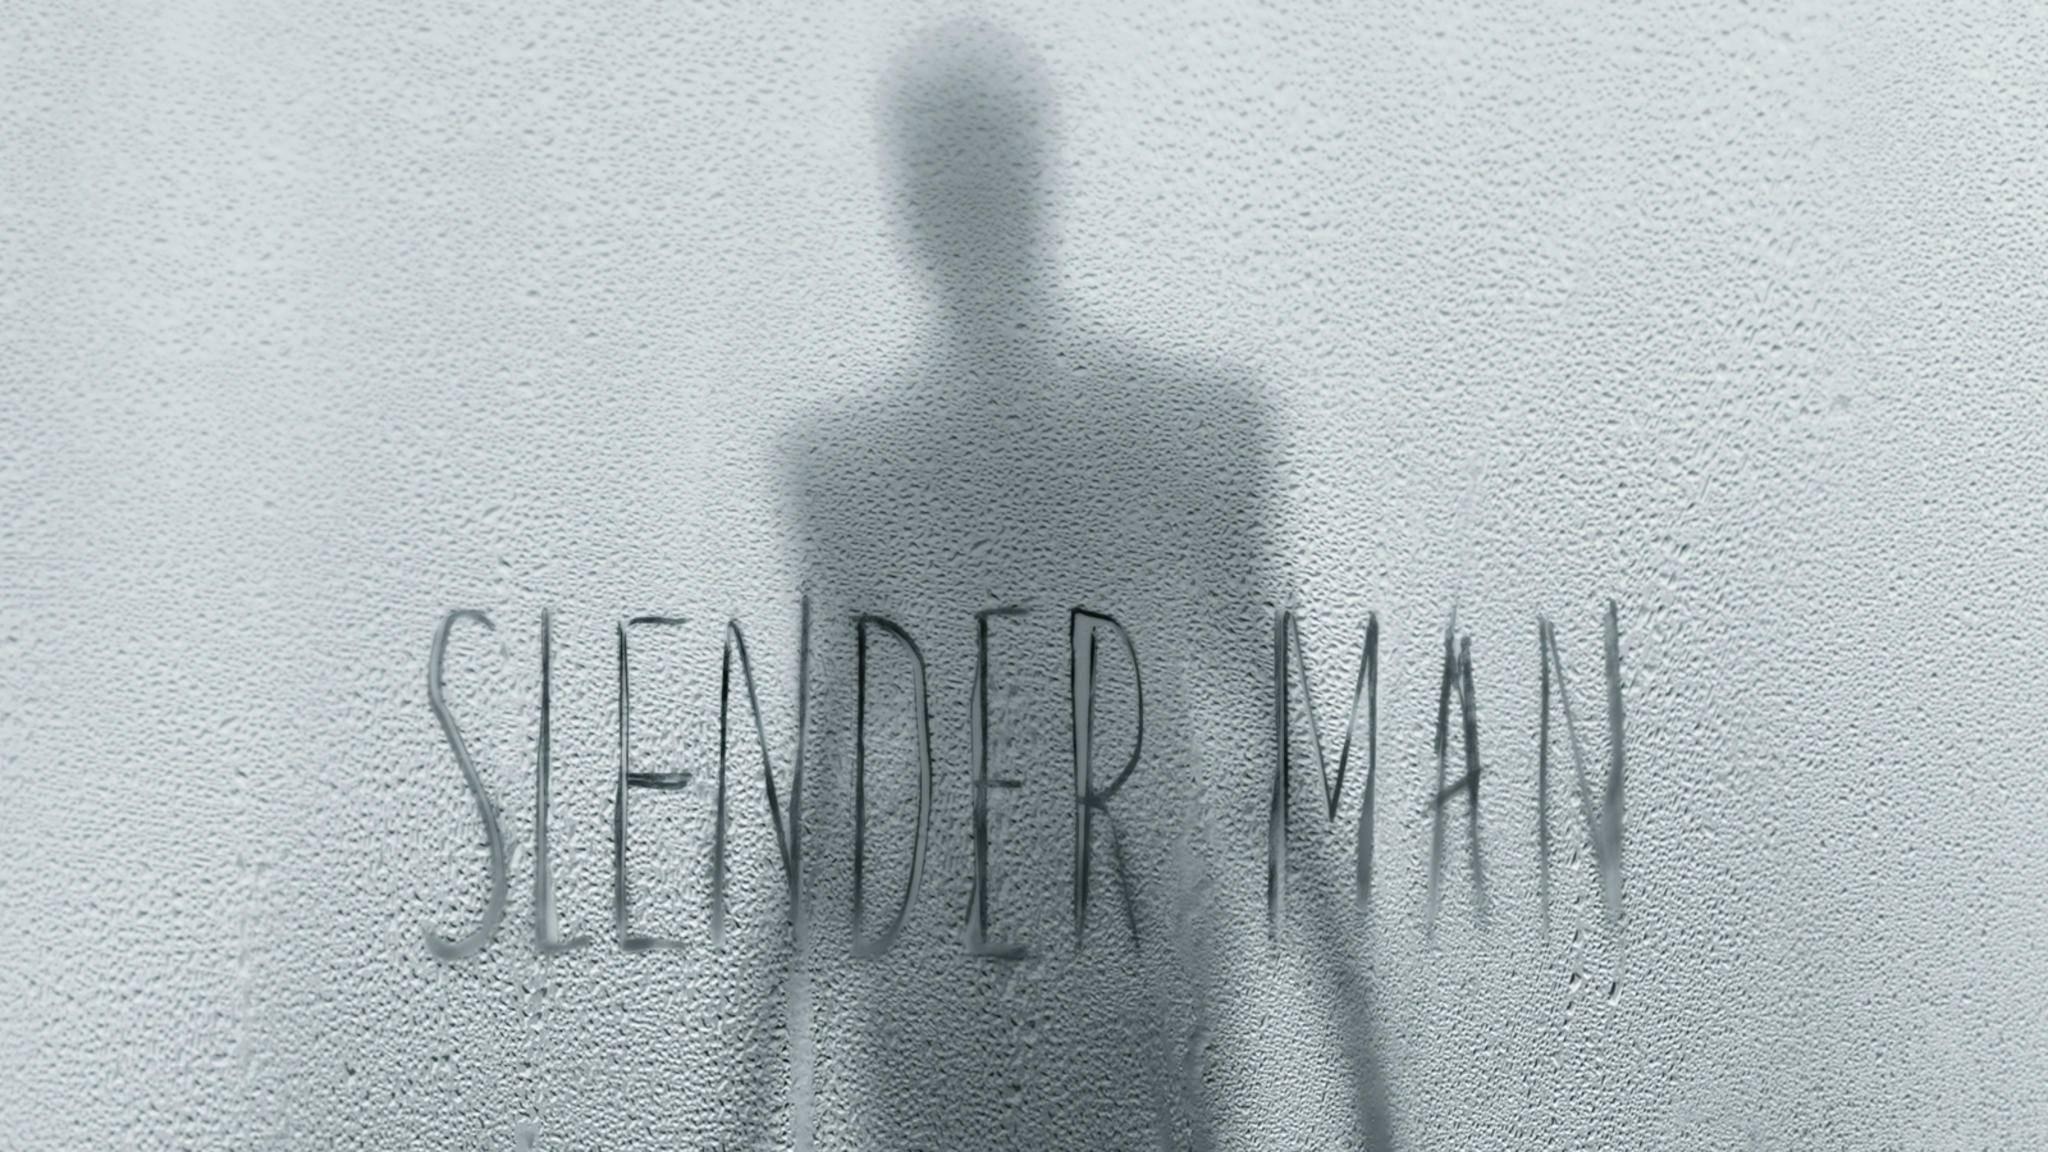 """Bekommen wir den """"Slender Man"""" etwa doch nicht im Kino zu sehen?"""